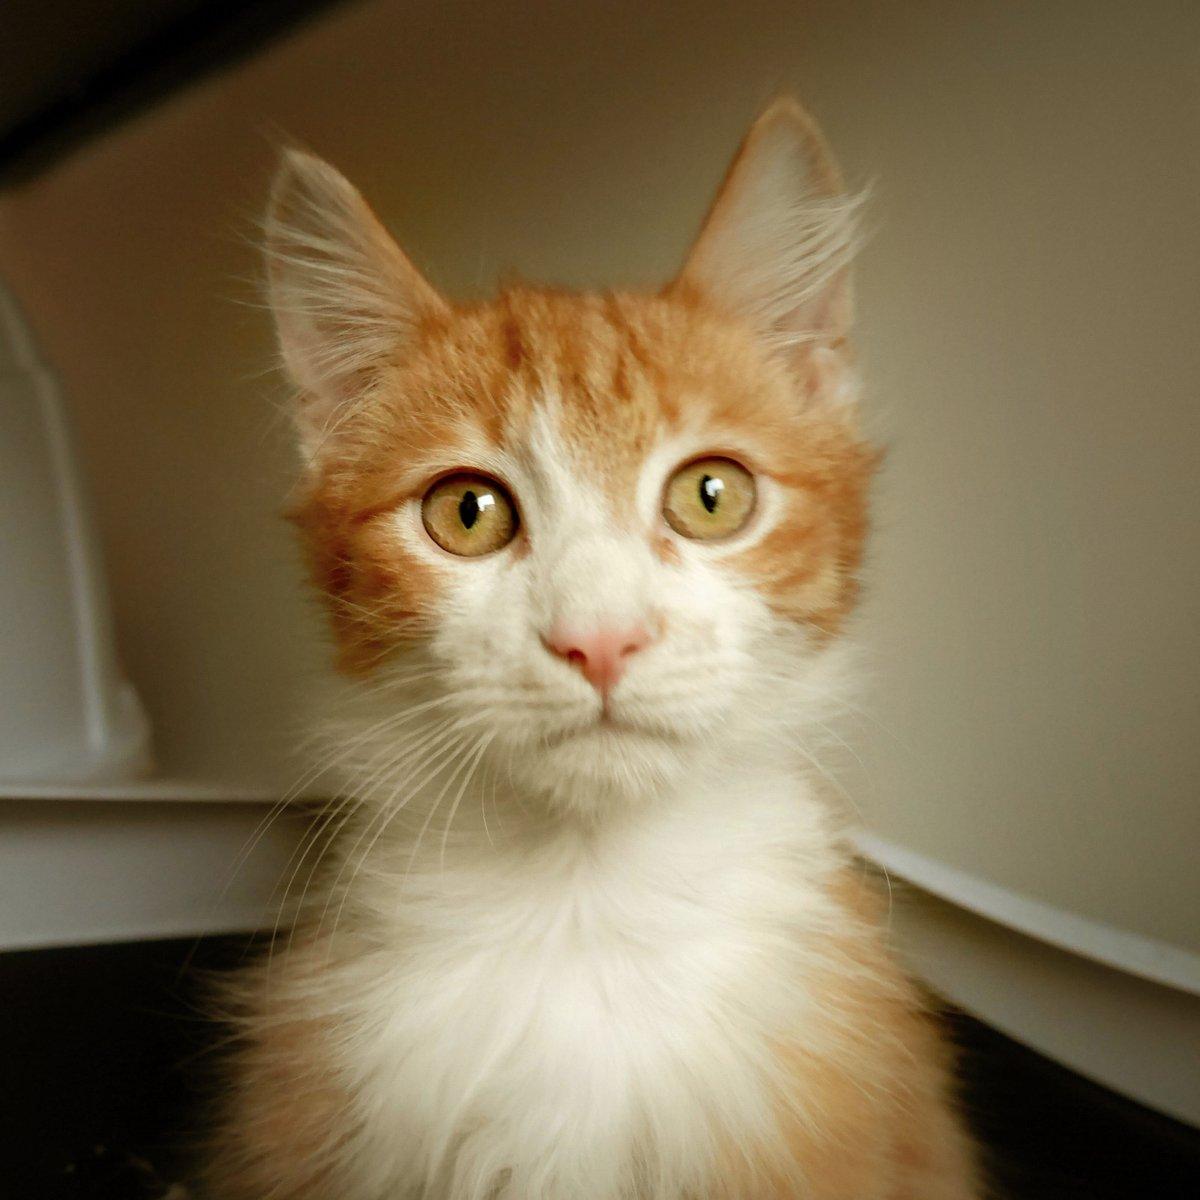 test Twitter Media - 'Dodelijke kattenziekte duikt op in Harderwijk en Ermelo' Wees alert! Zeer besmettelijk voor zowel binnen-, als buitenkatten. Symptonen: diarree, uitdroging, braken, buikpijn, koorts. Geen medicatie mogelijk, alleen preventief middels inenten, zoals Igor! 📷 https://t.co/15S5Bgm3Qc